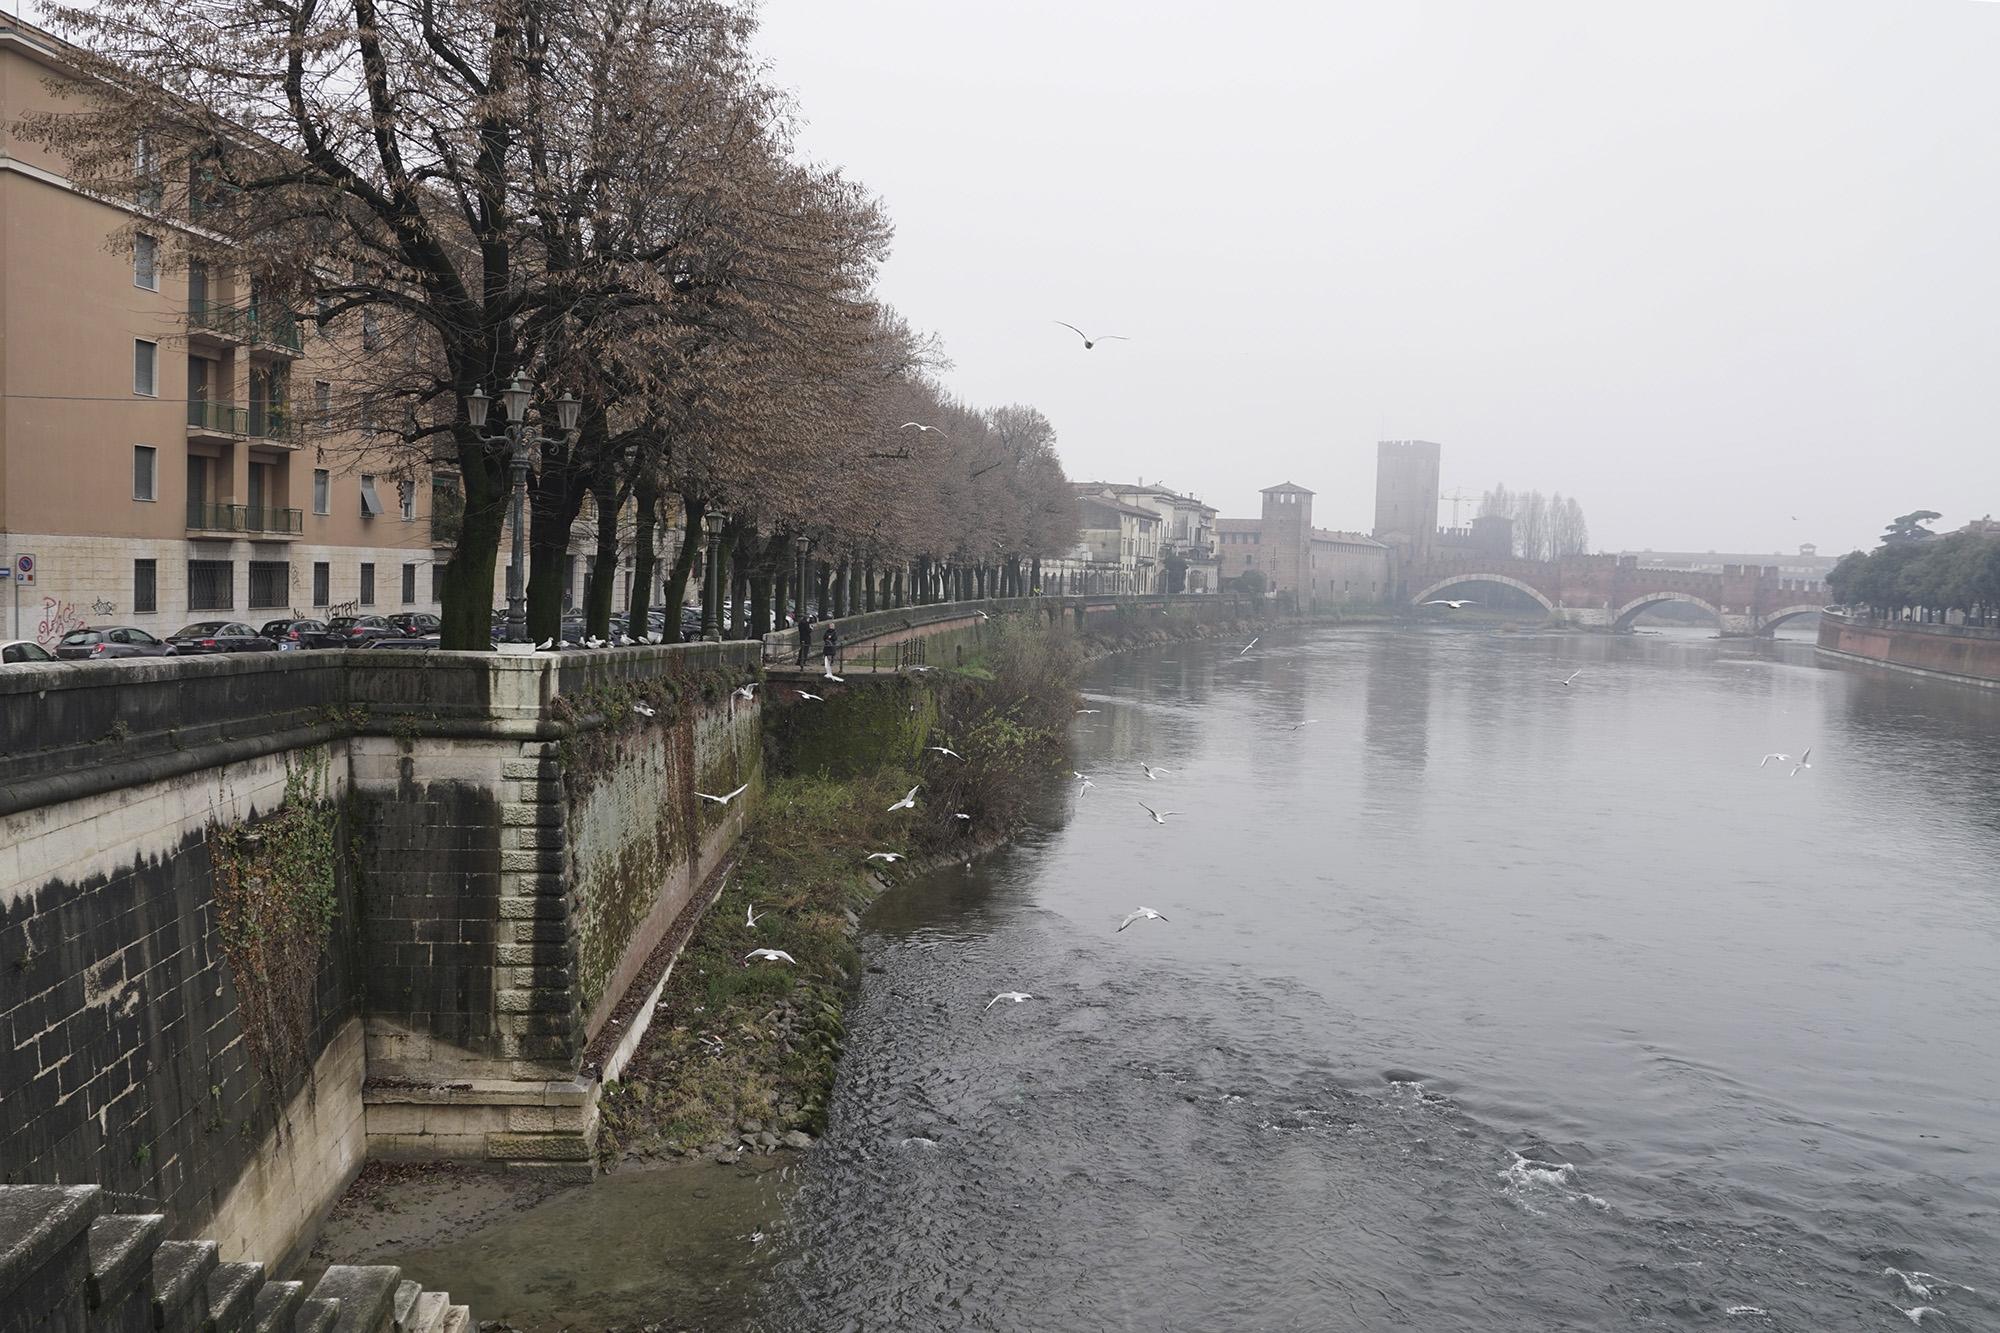 Un po' di Adige a Verona...